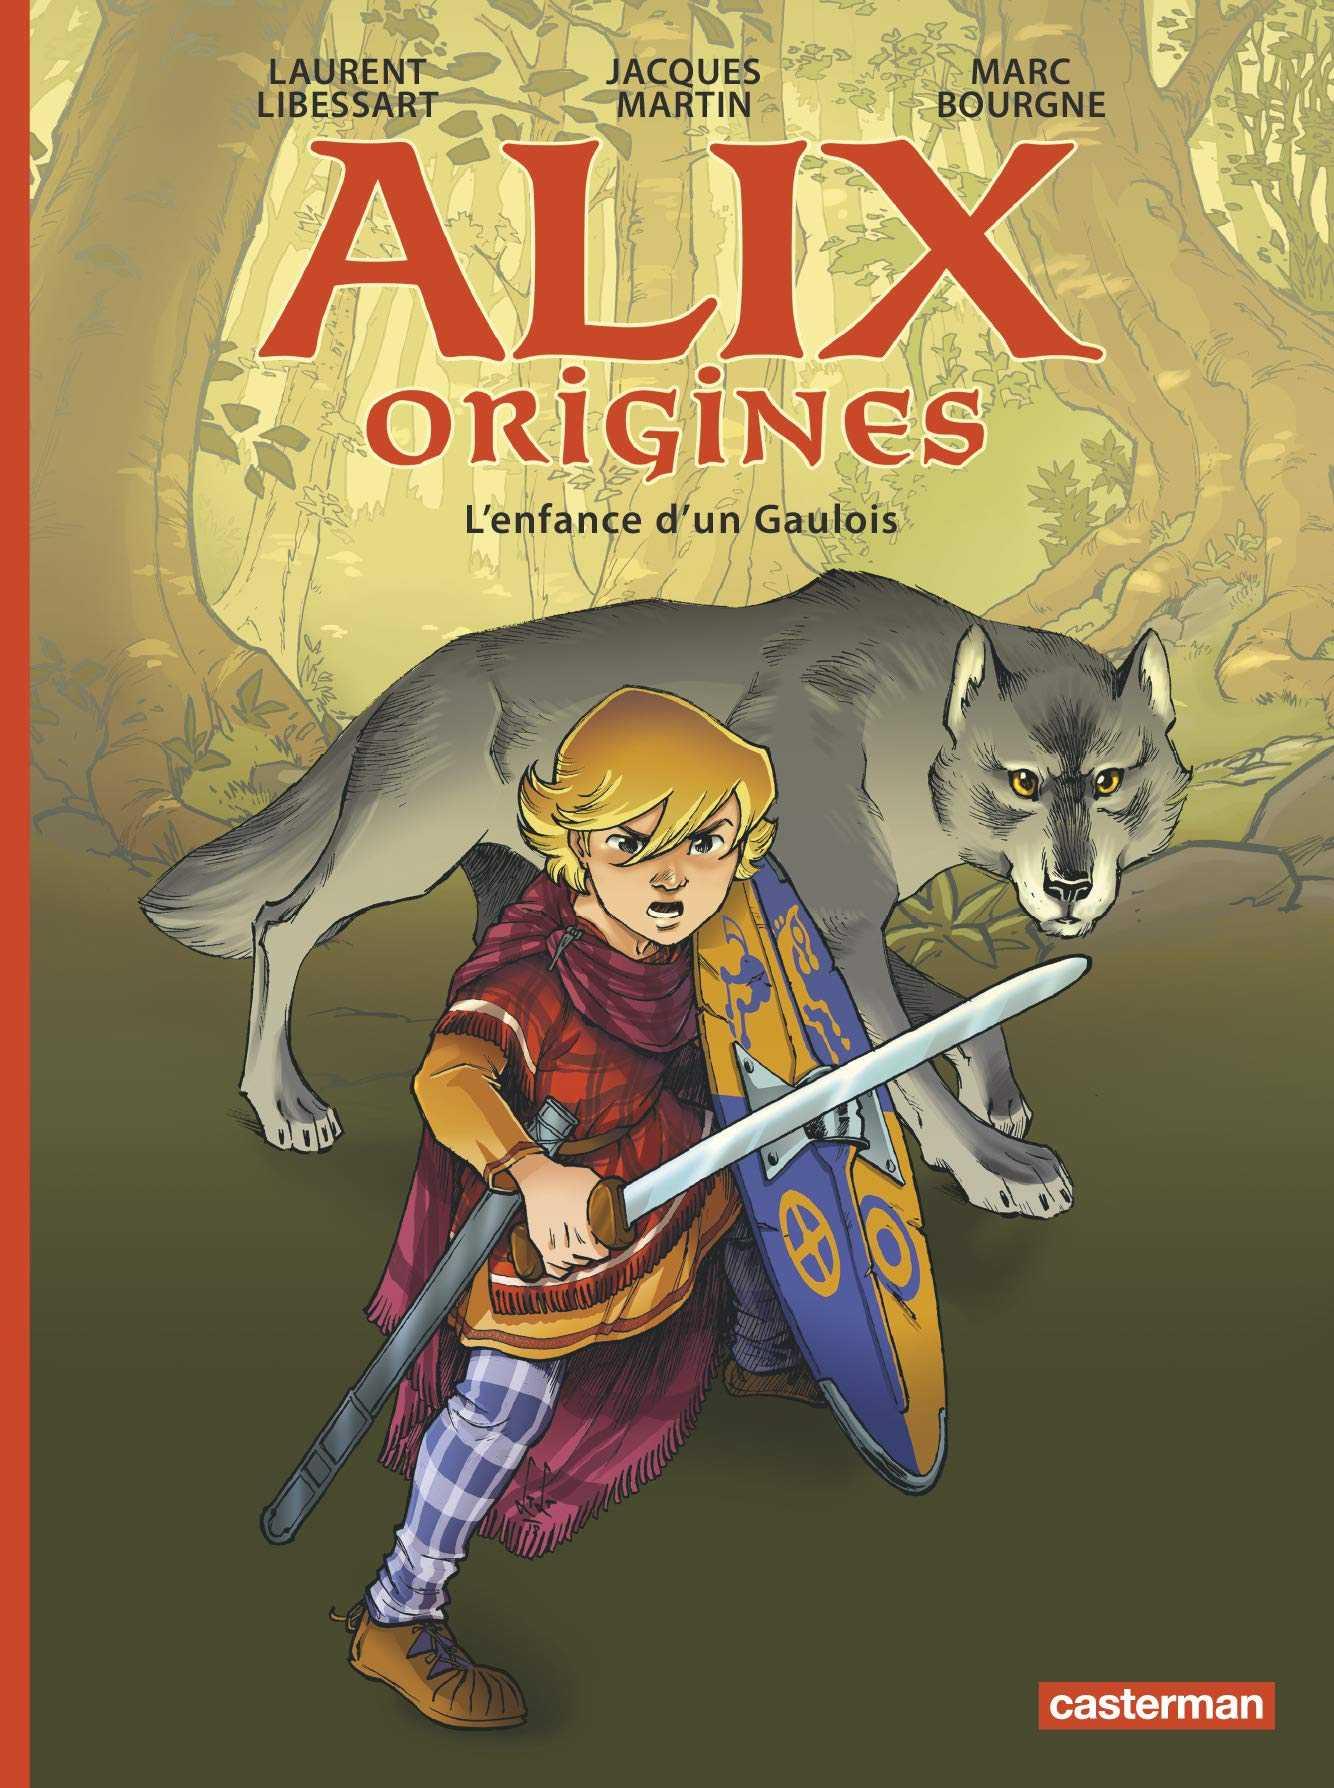 Alix Origines, déjà intrépide